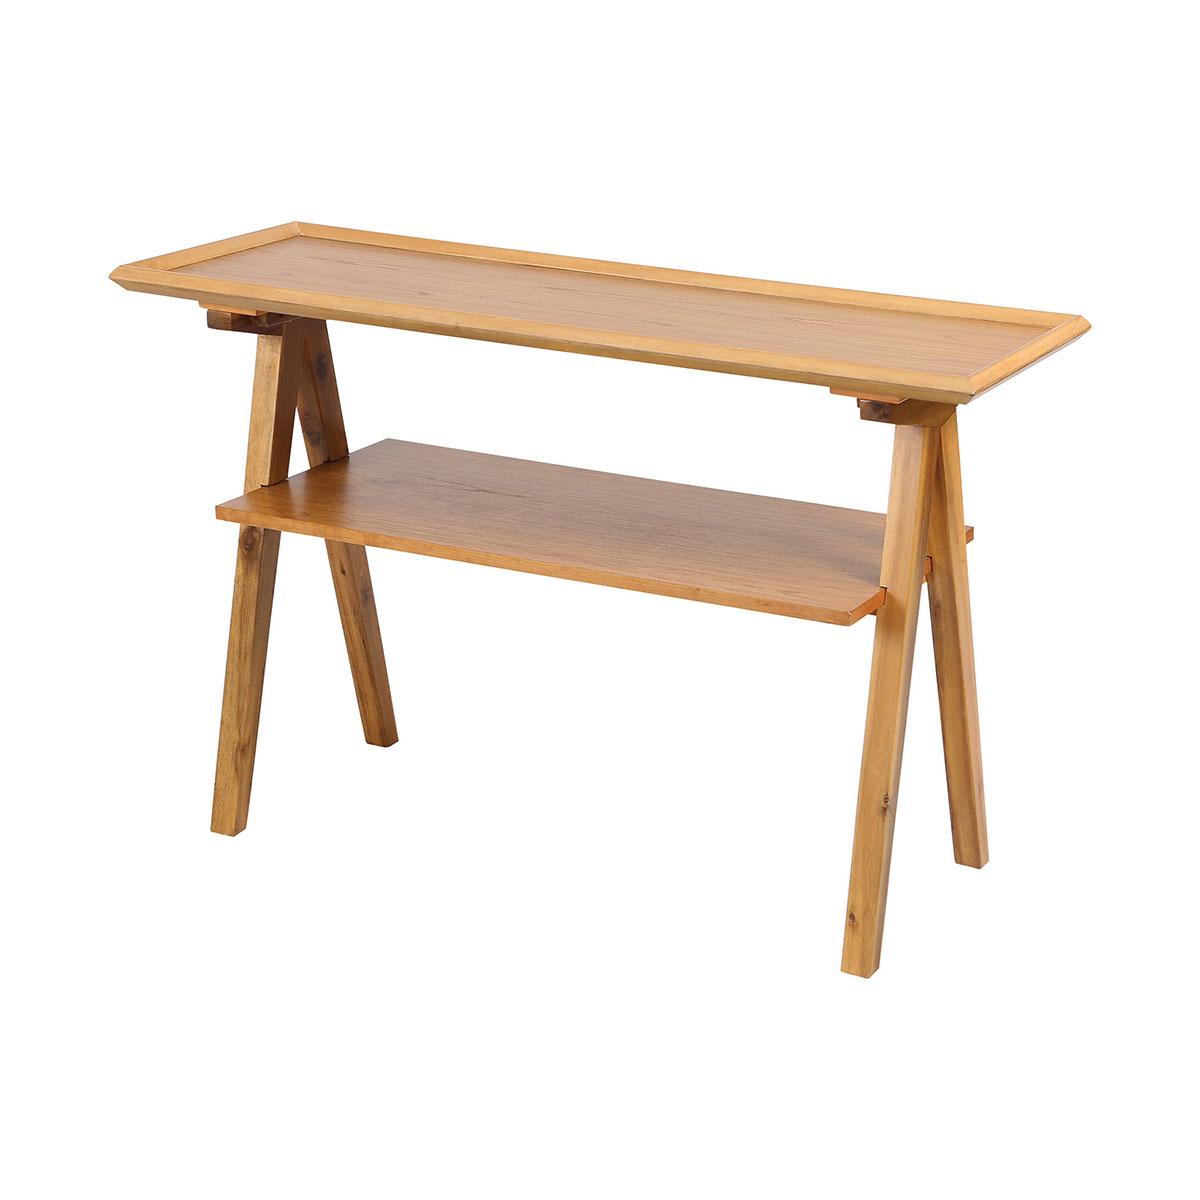 Stein World Barringer Pecan Sofa Table